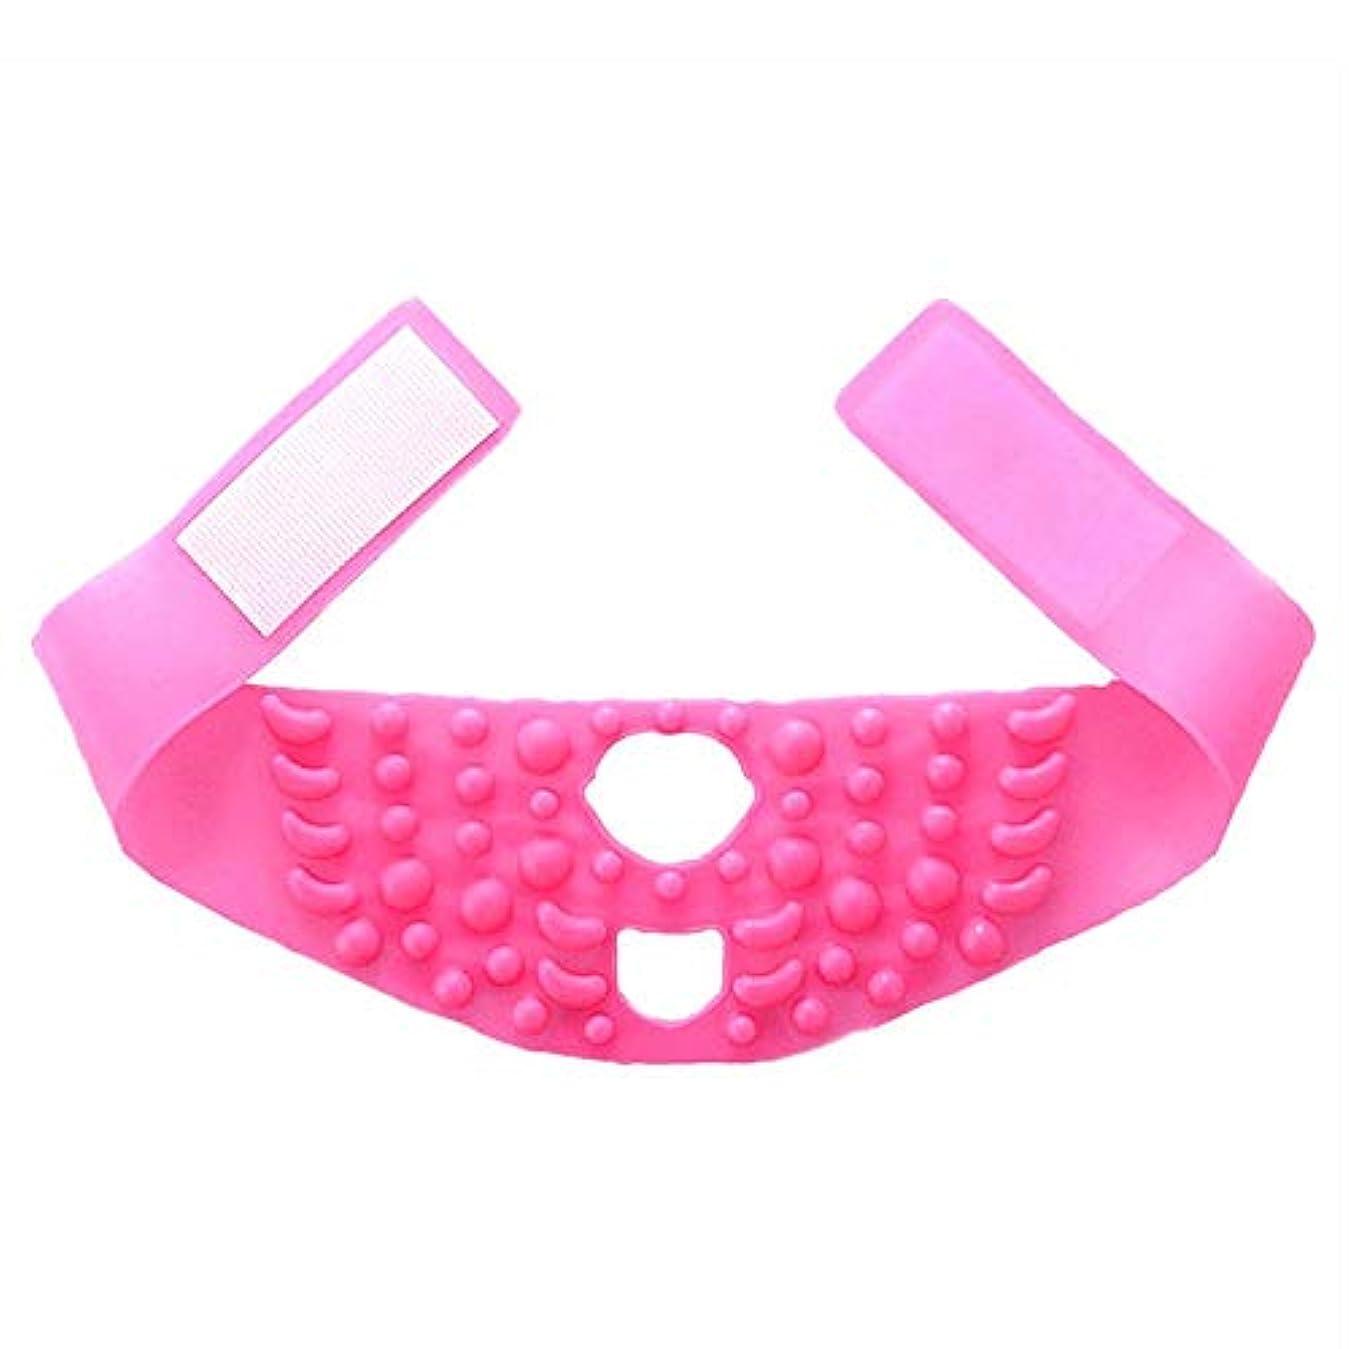 たぶん従事した女王飛強強 シンフェイスマスクシリコーンマッサージ引き締まった形の小さなVフェイスリフティングに薄いフェイスアーティファクト包帯を飾る - ピンク スリムフィット美容ツール